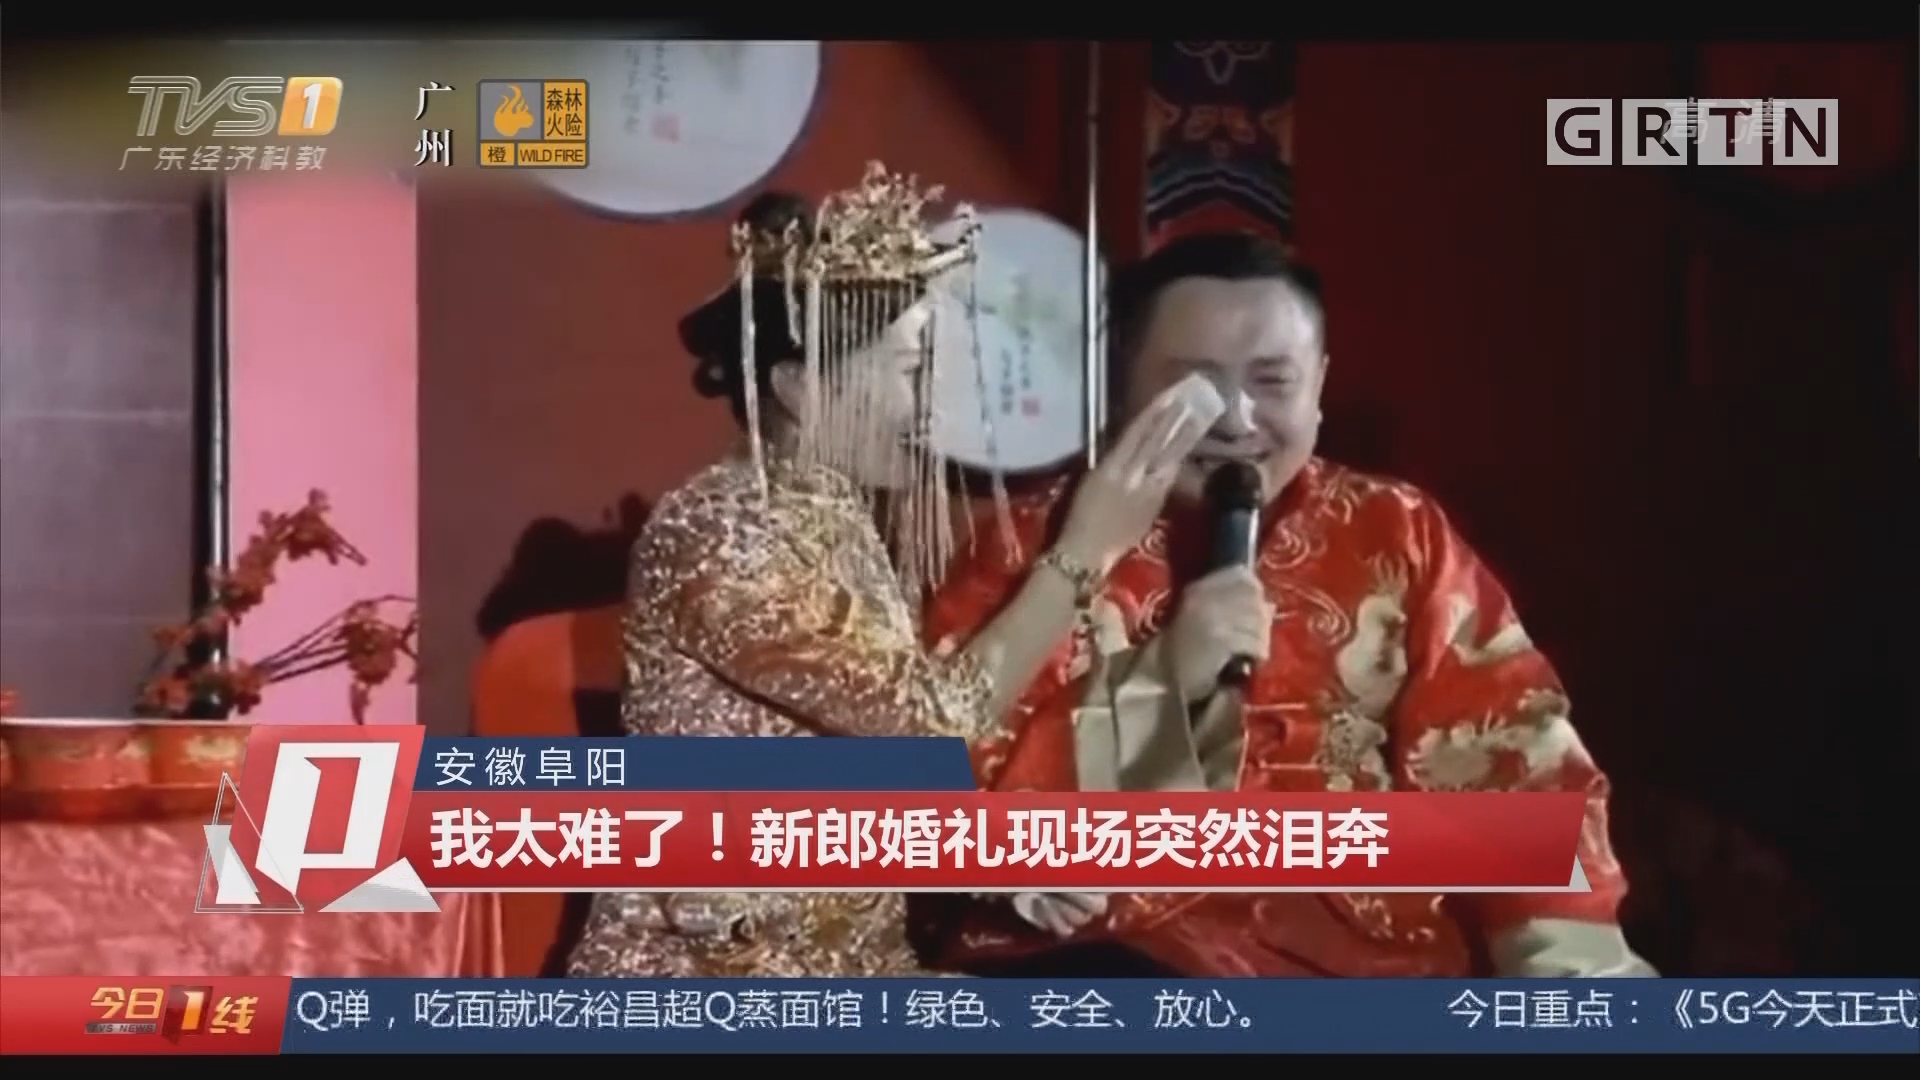 安徽阜阳:我太难了!新郎婚礼现场突然泪奔